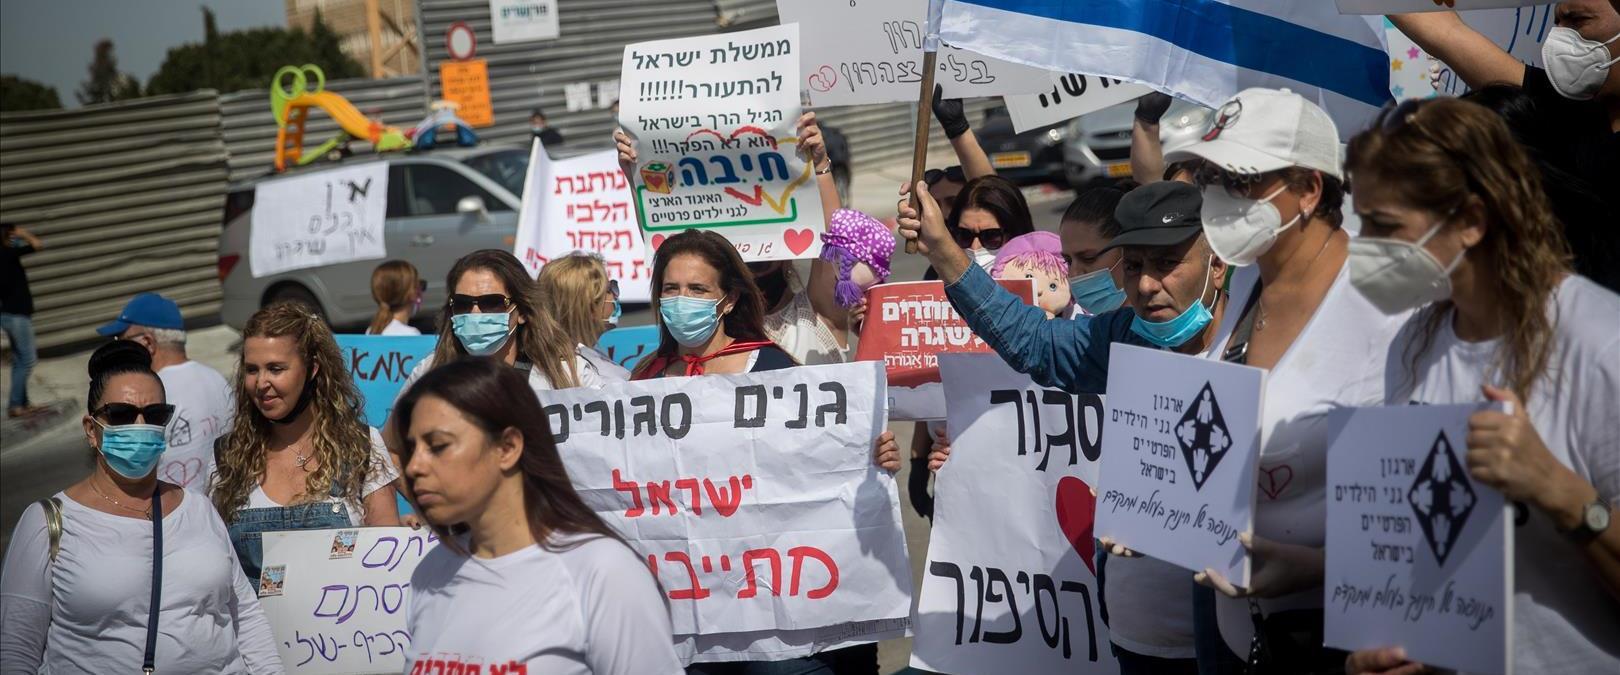 הפגנת גופי החינוך הפרטי מול הכנסת, היום